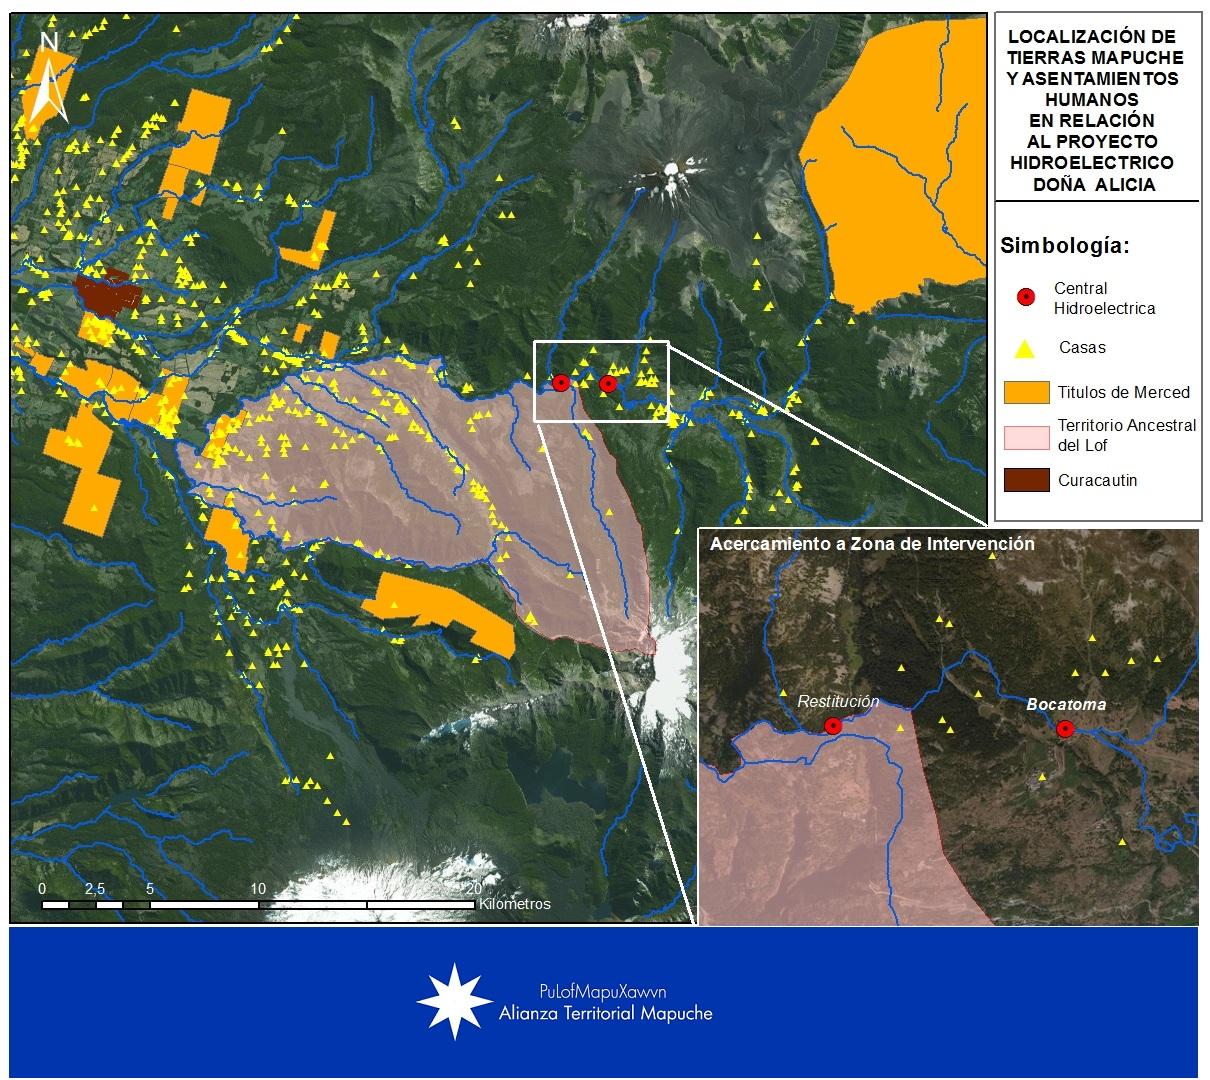 Proceso de reconstrucción del mapa del Lof Hueñivales al que corresponde el título de Merced de la imagen de arriba (ATM)